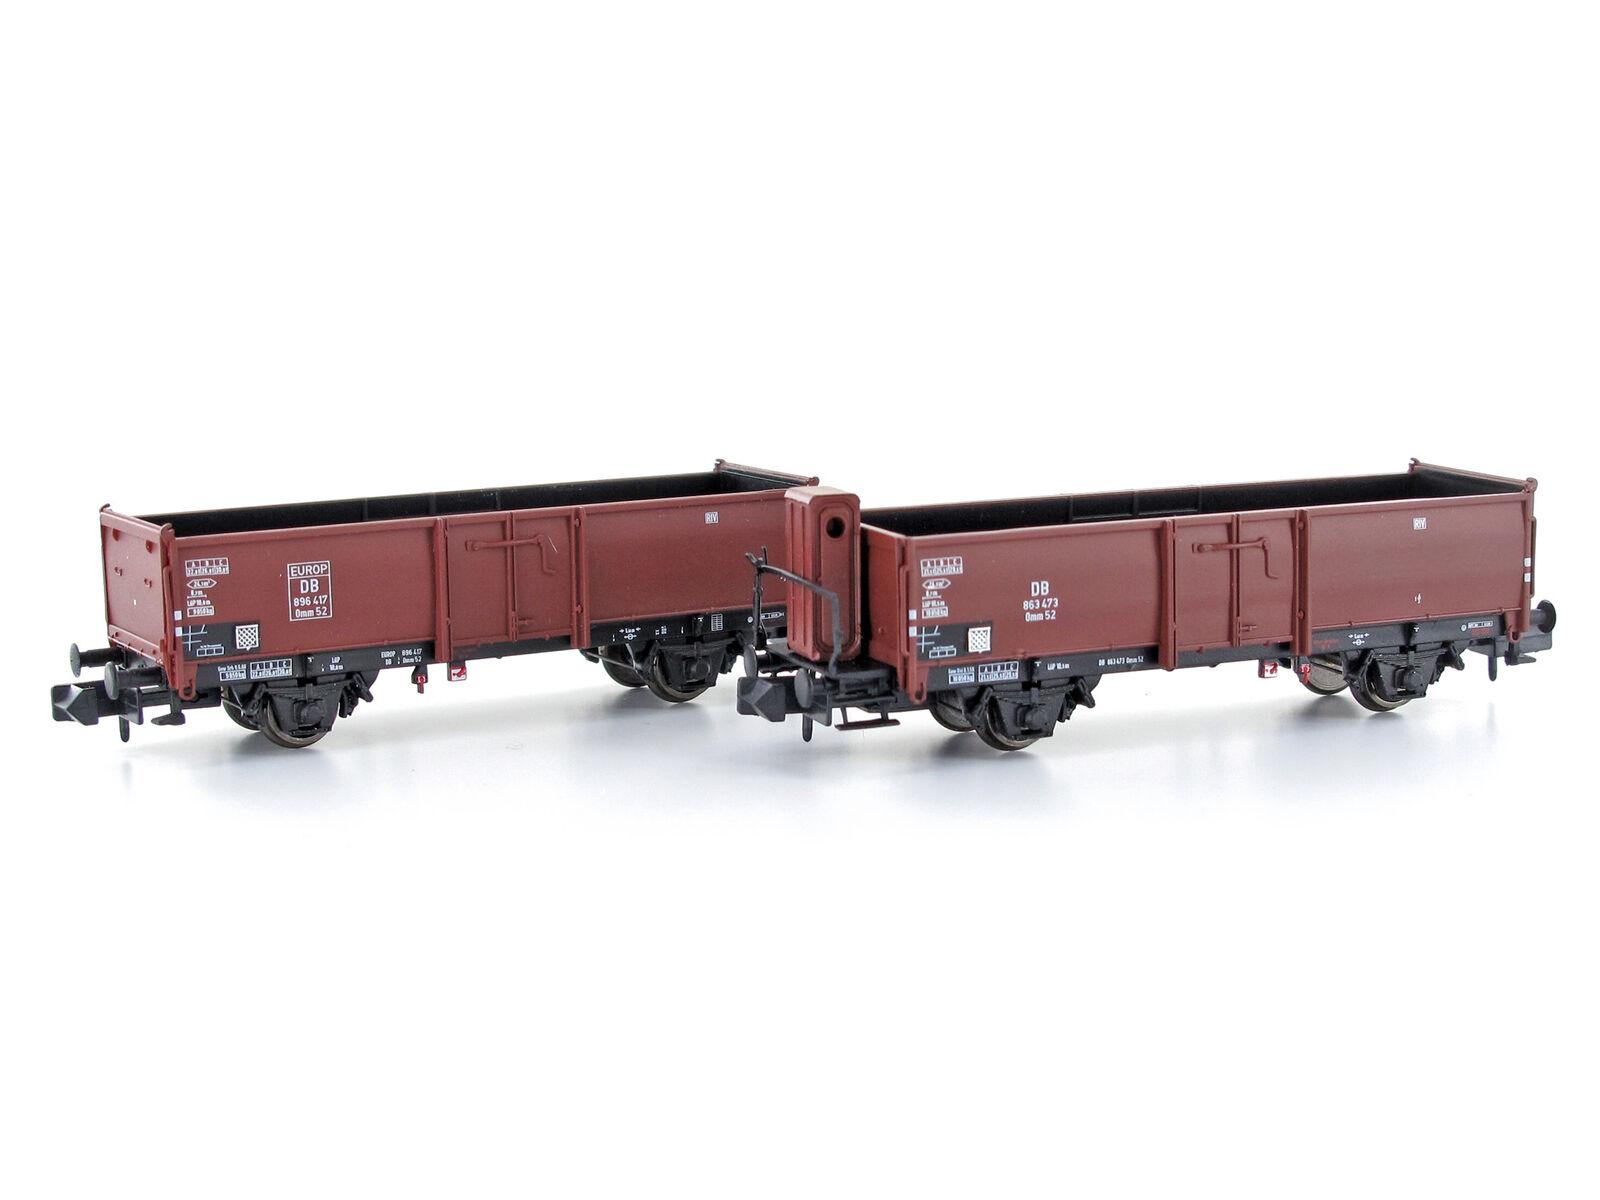 en venta en línea Mu n-g52001 - abierto vagones set omm 52 52 52 DB época III 2 piezas-pista n  calidad fantástica